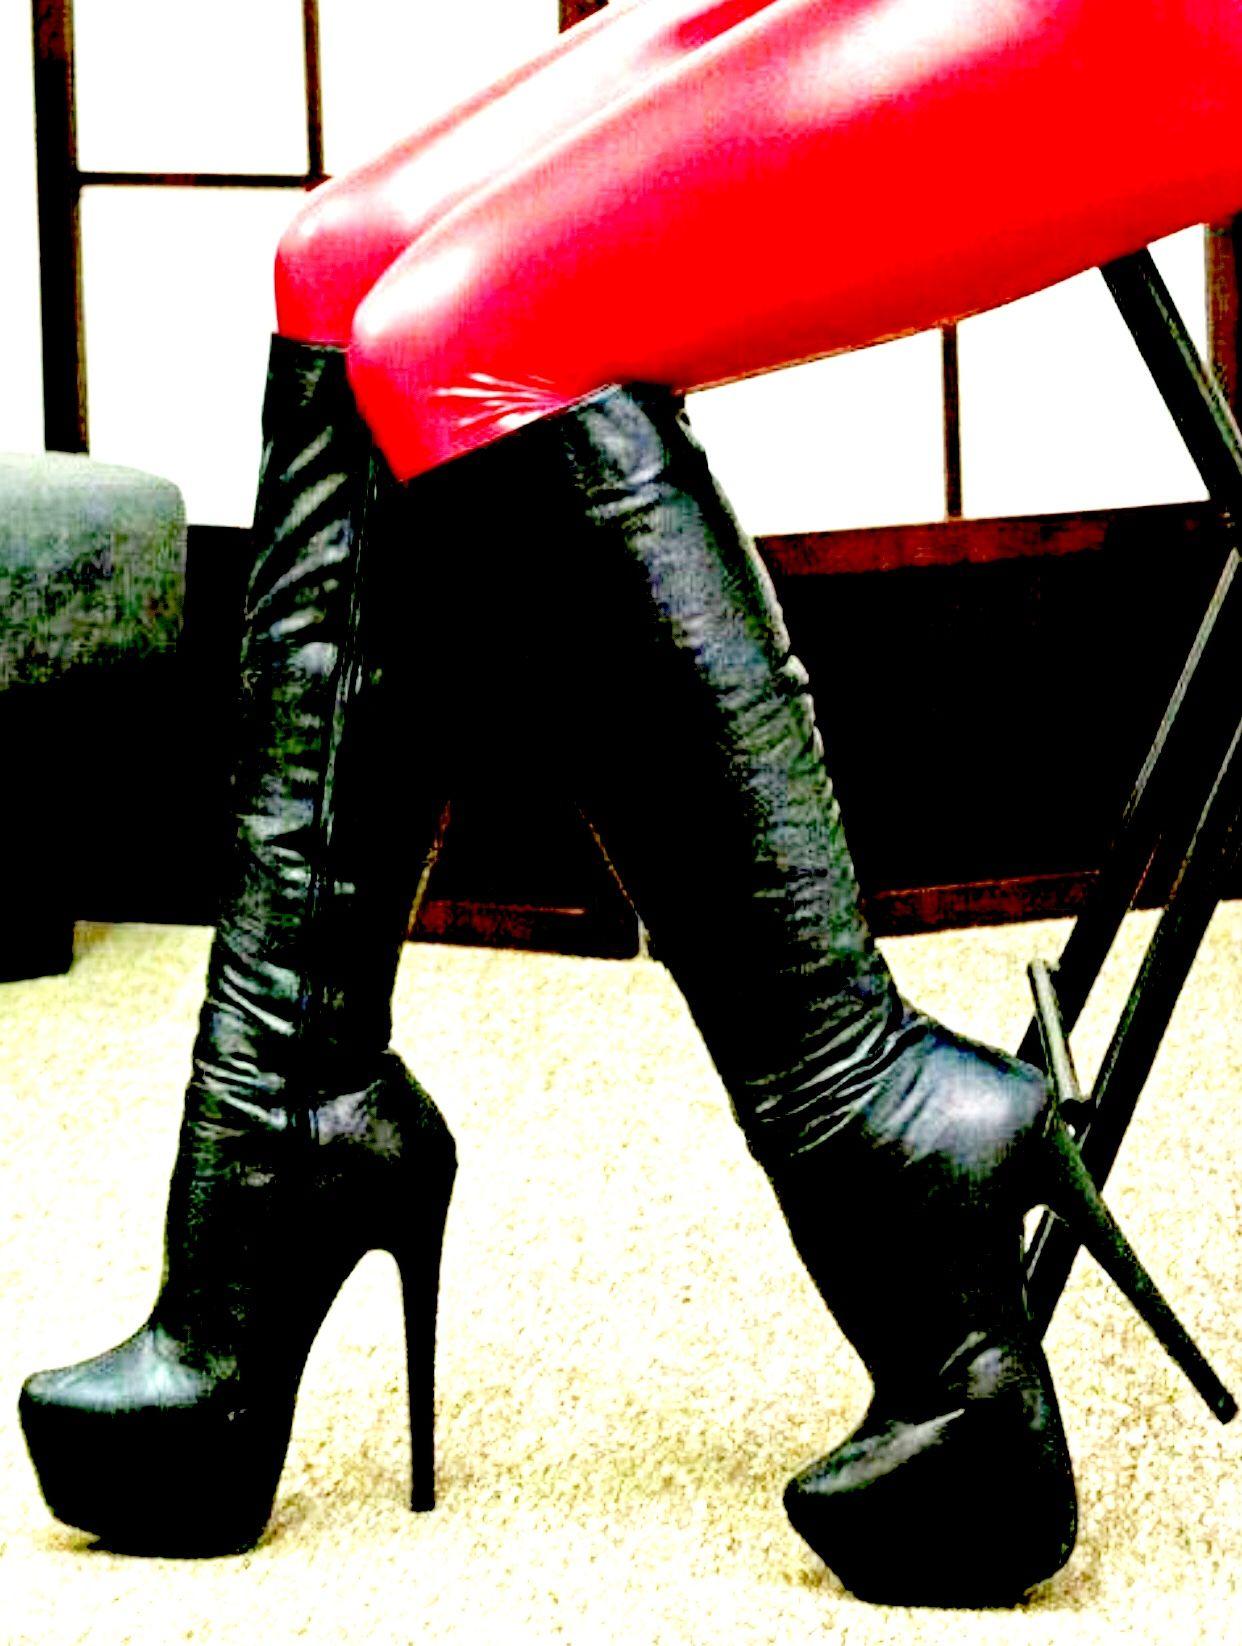 Oberschenkel hohe Stiefel Interracial